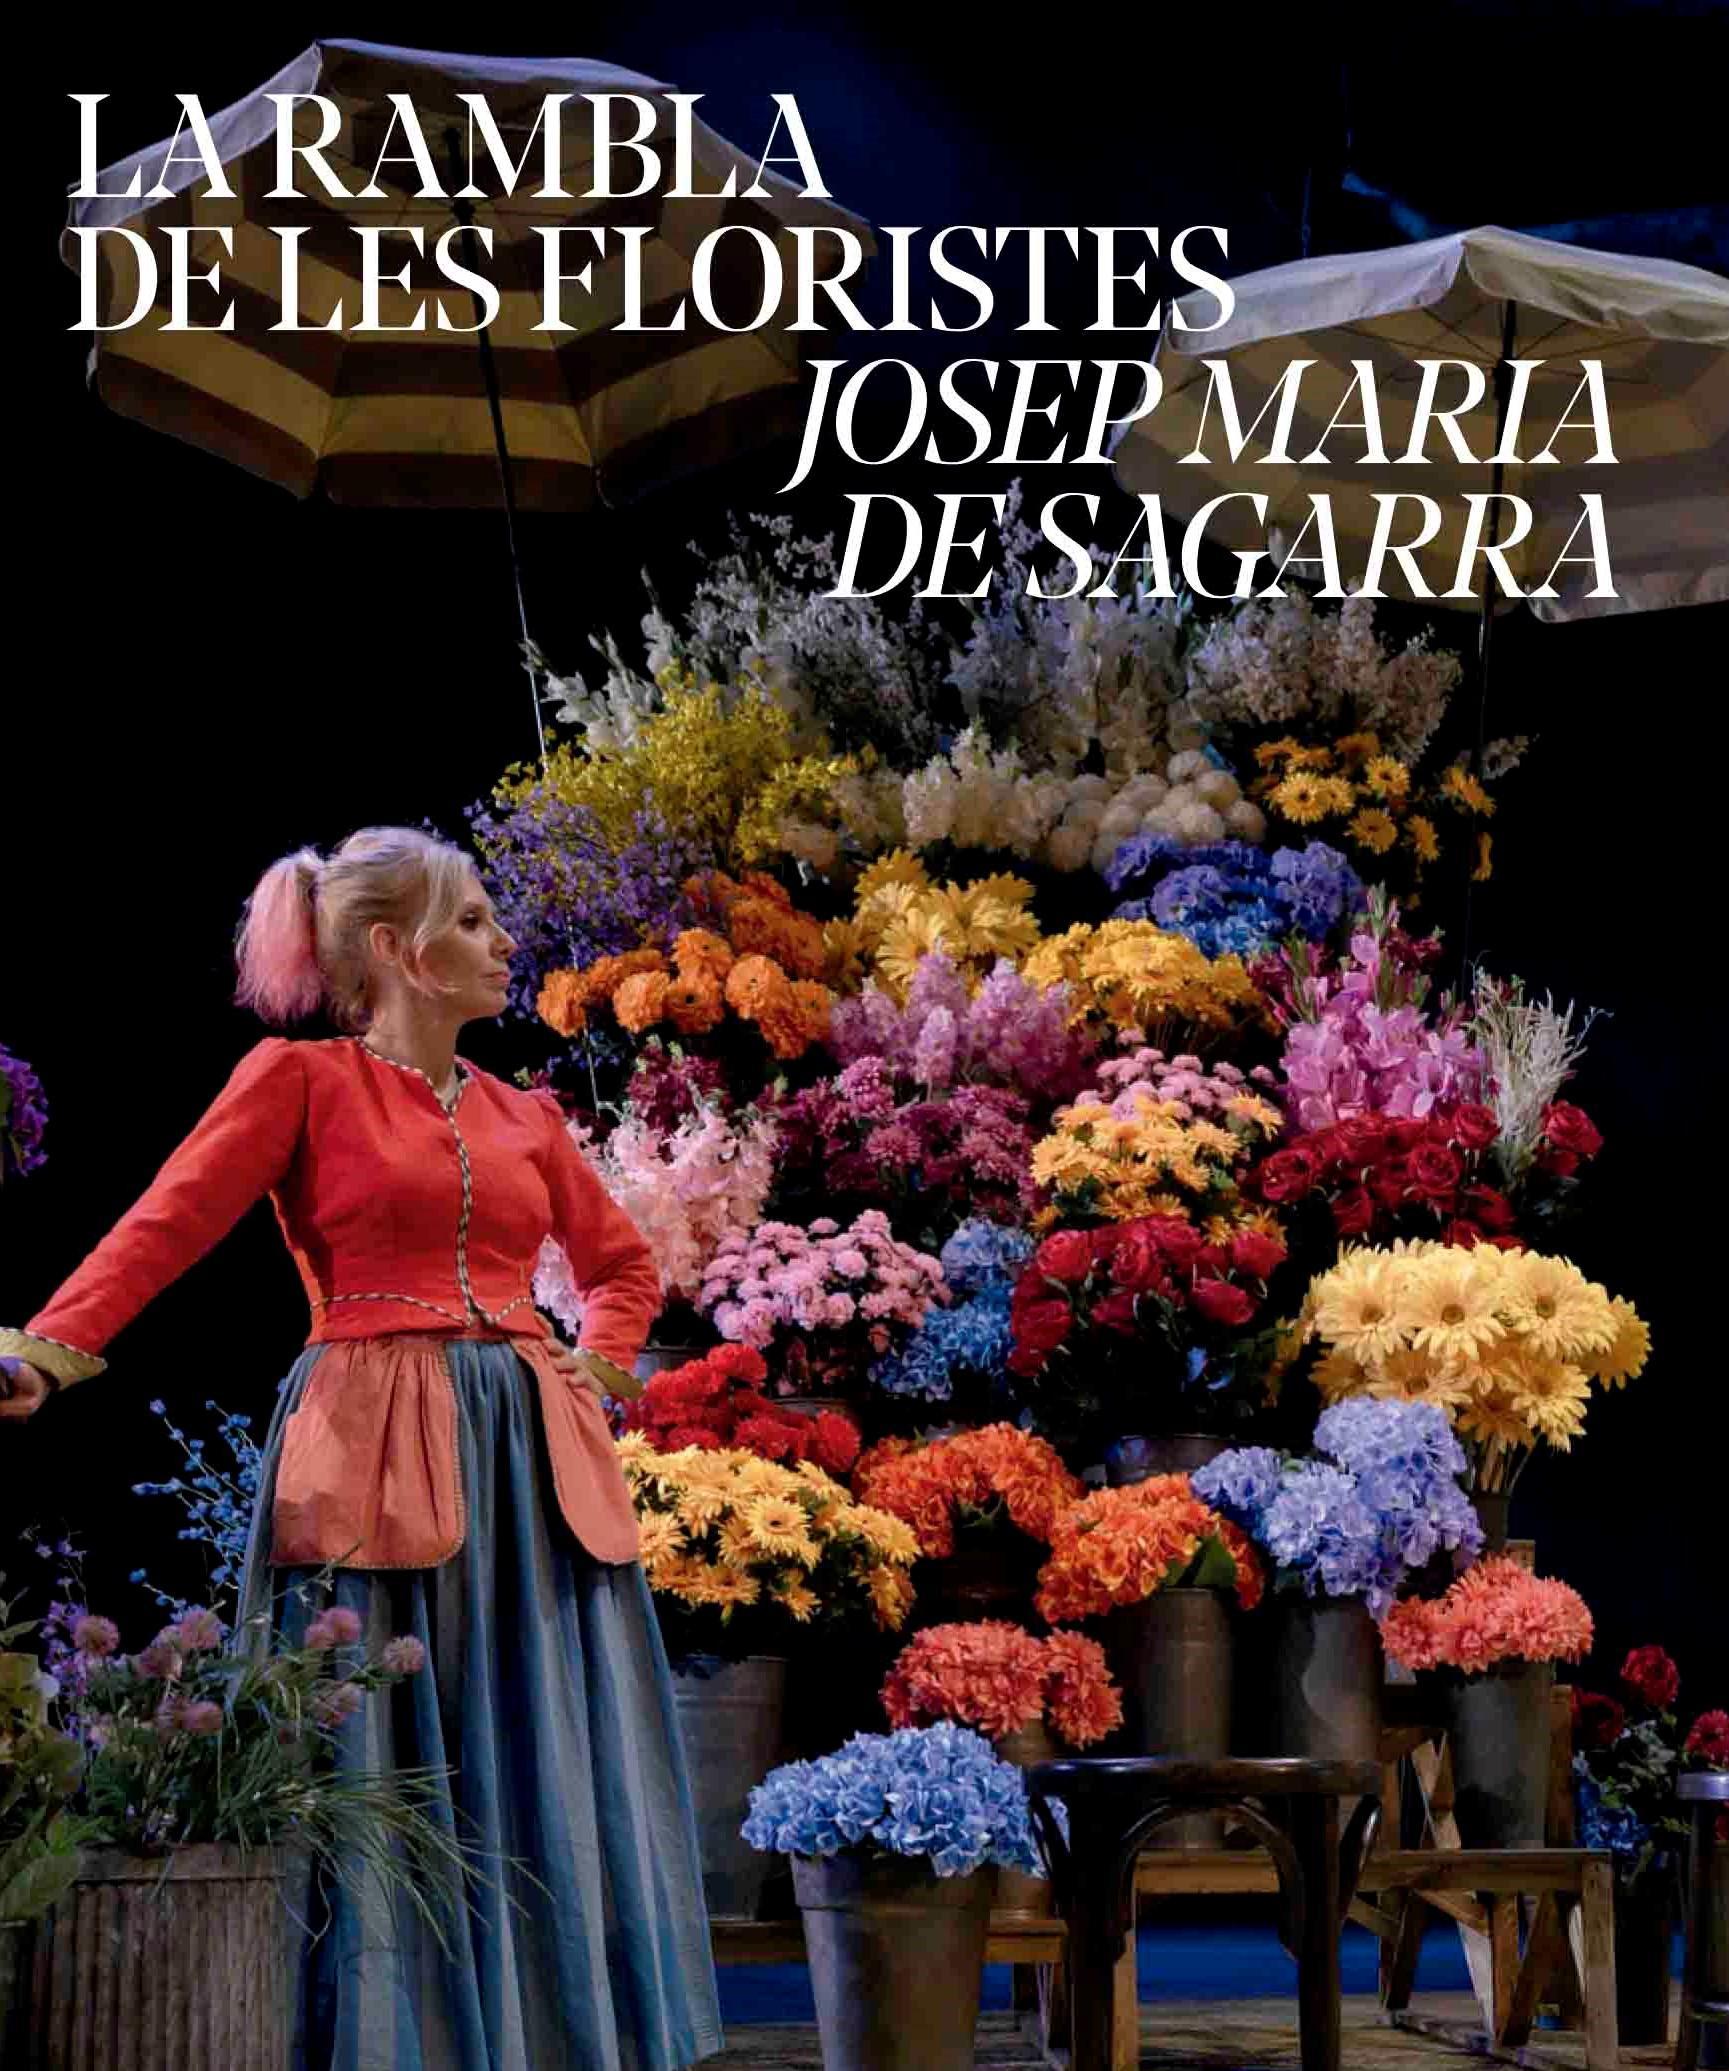 La Rambla de les Floristes